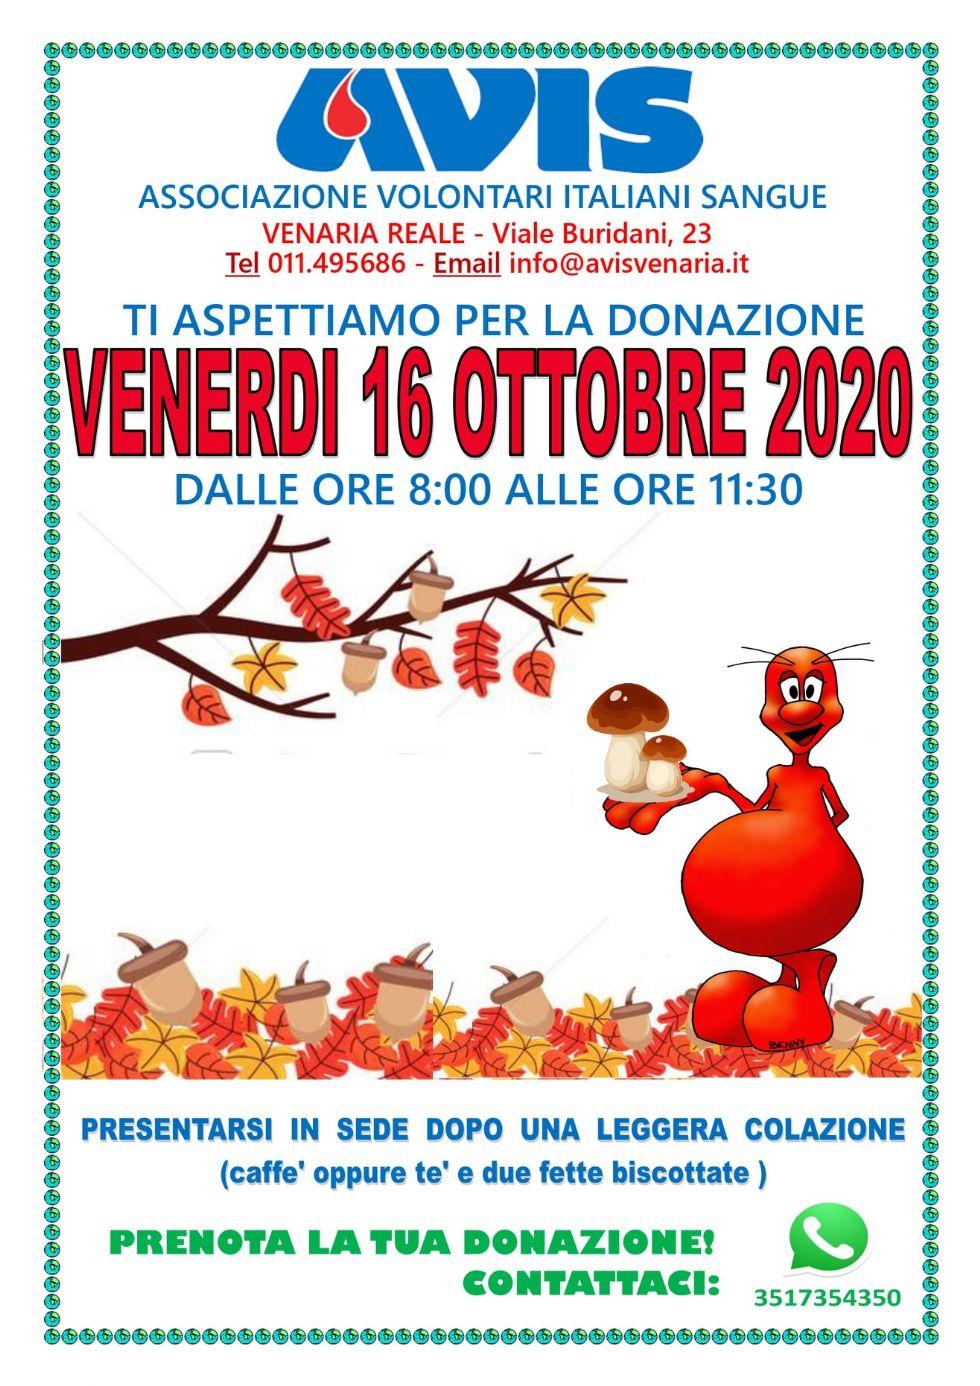 VENARIA - Venerdì mattina nuova donazione collettiva di sangue all'Avis